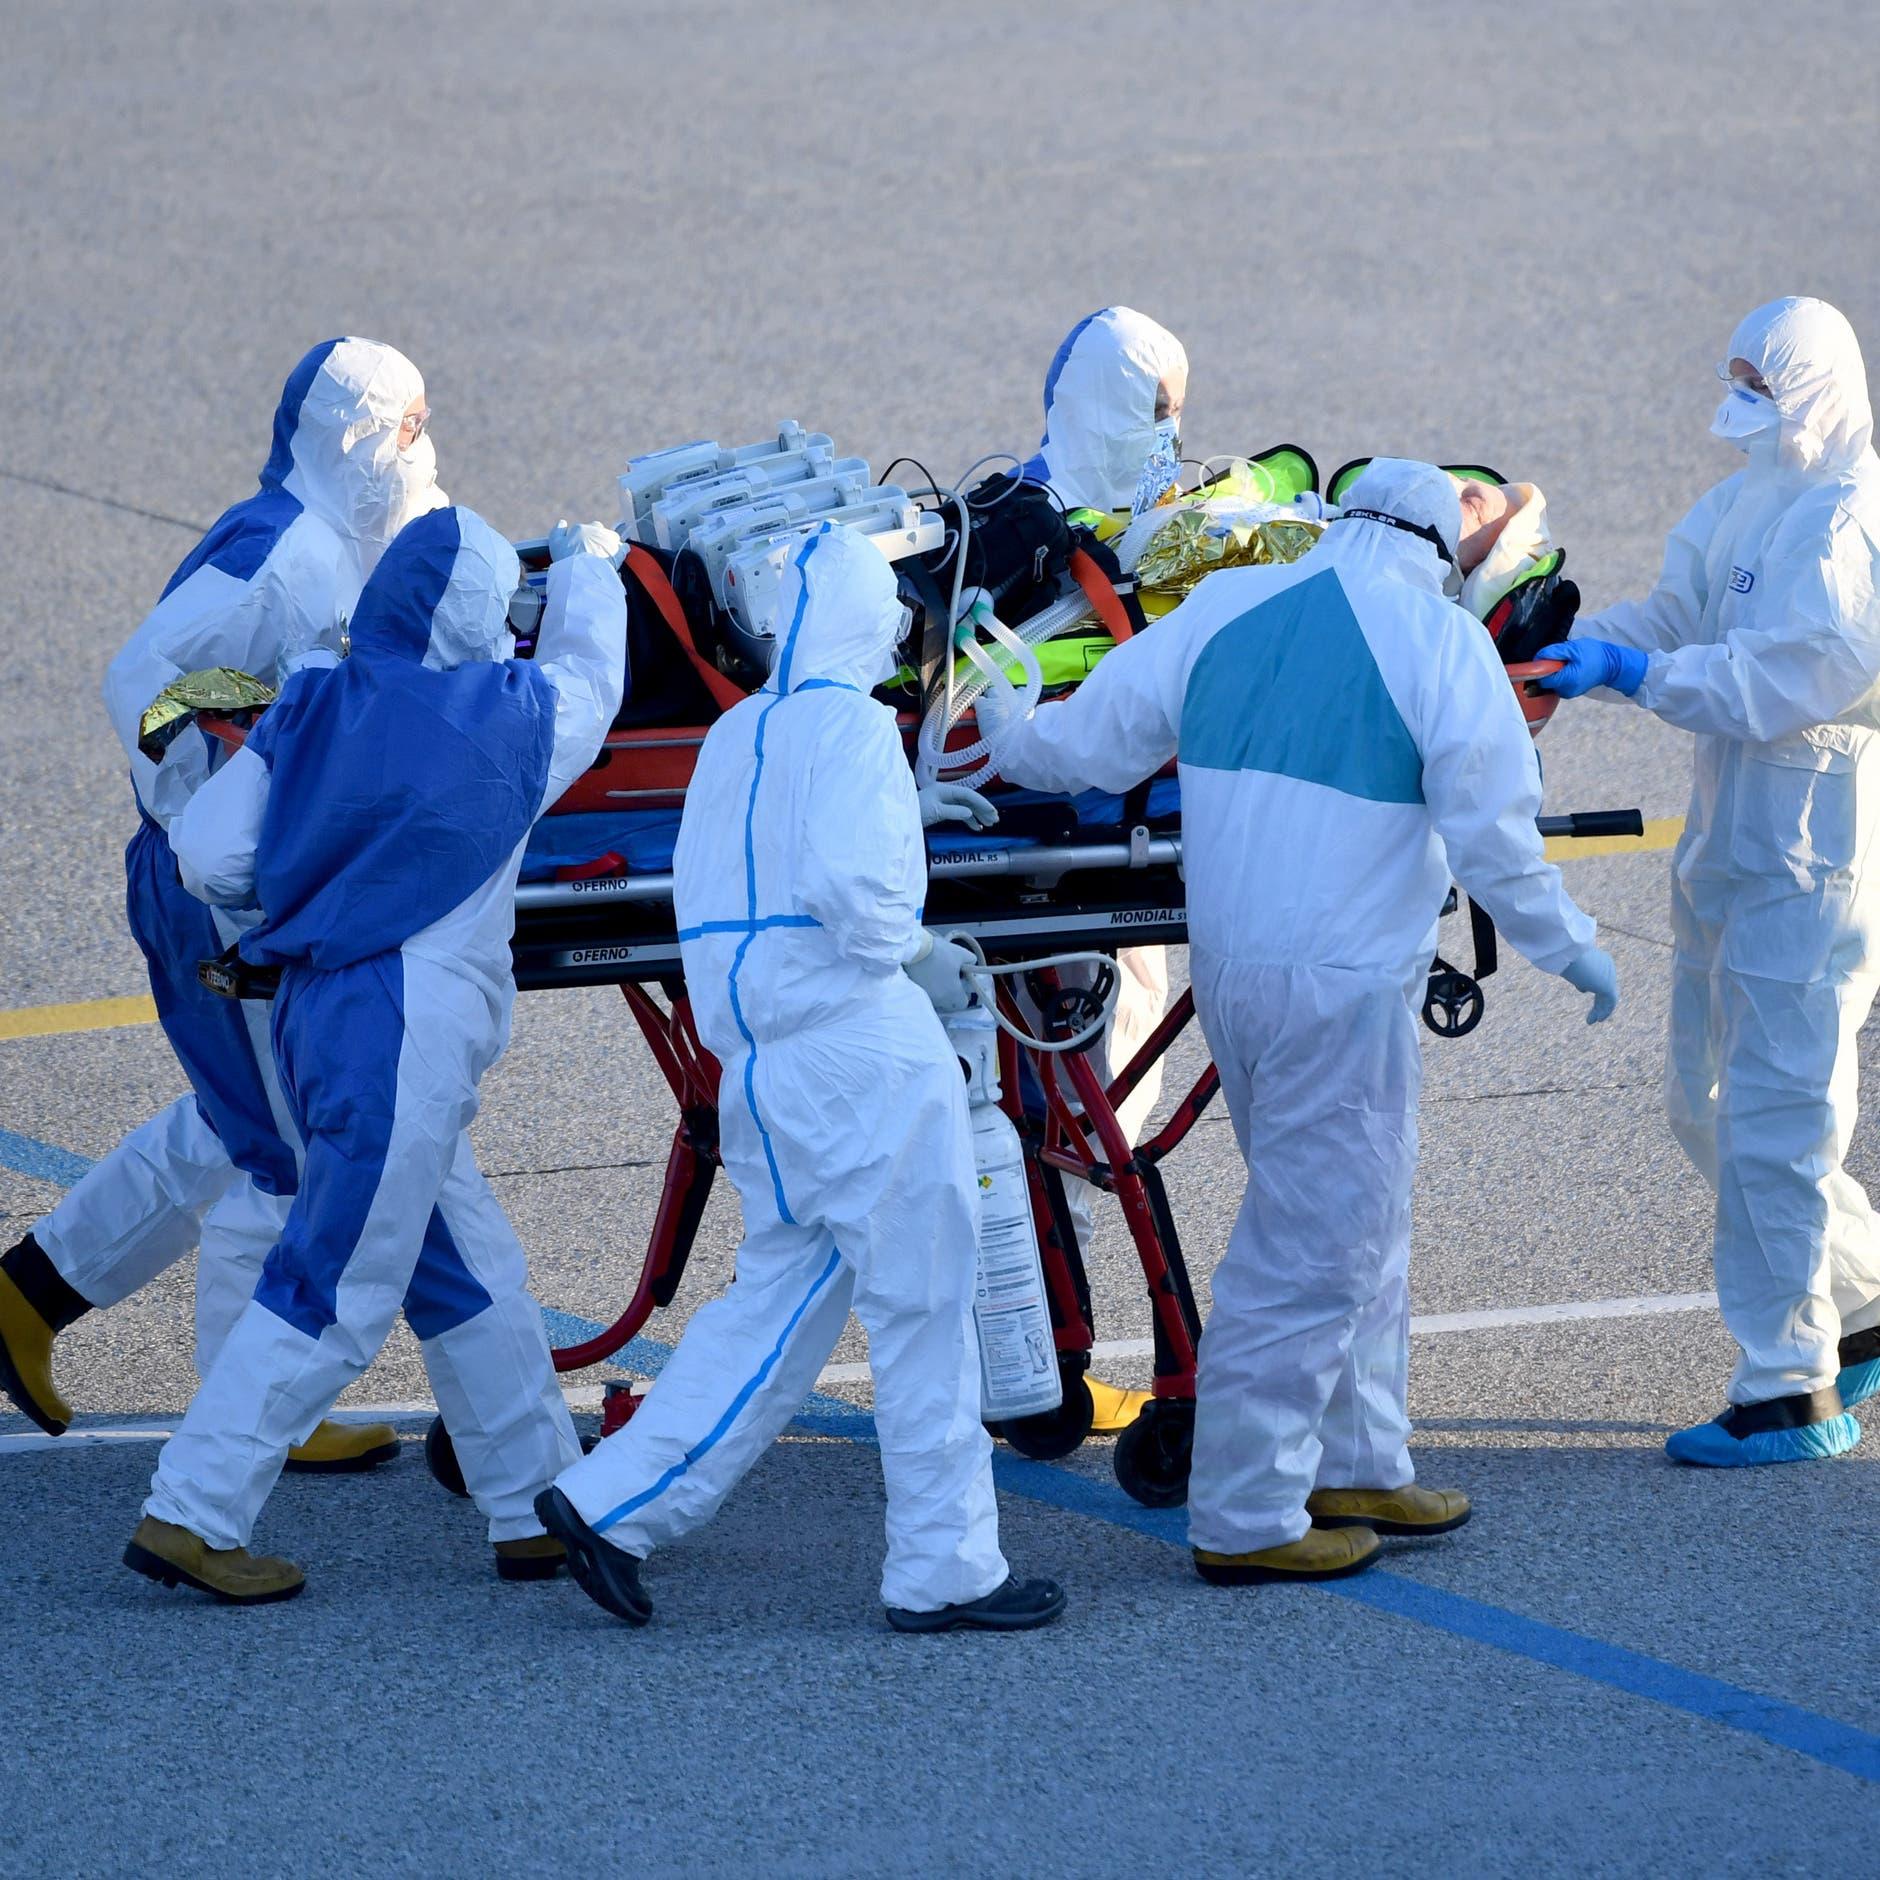 أعلى حصيلة يومية بفرنسا.. 509 وفيات بكورونا في 24 ساعة